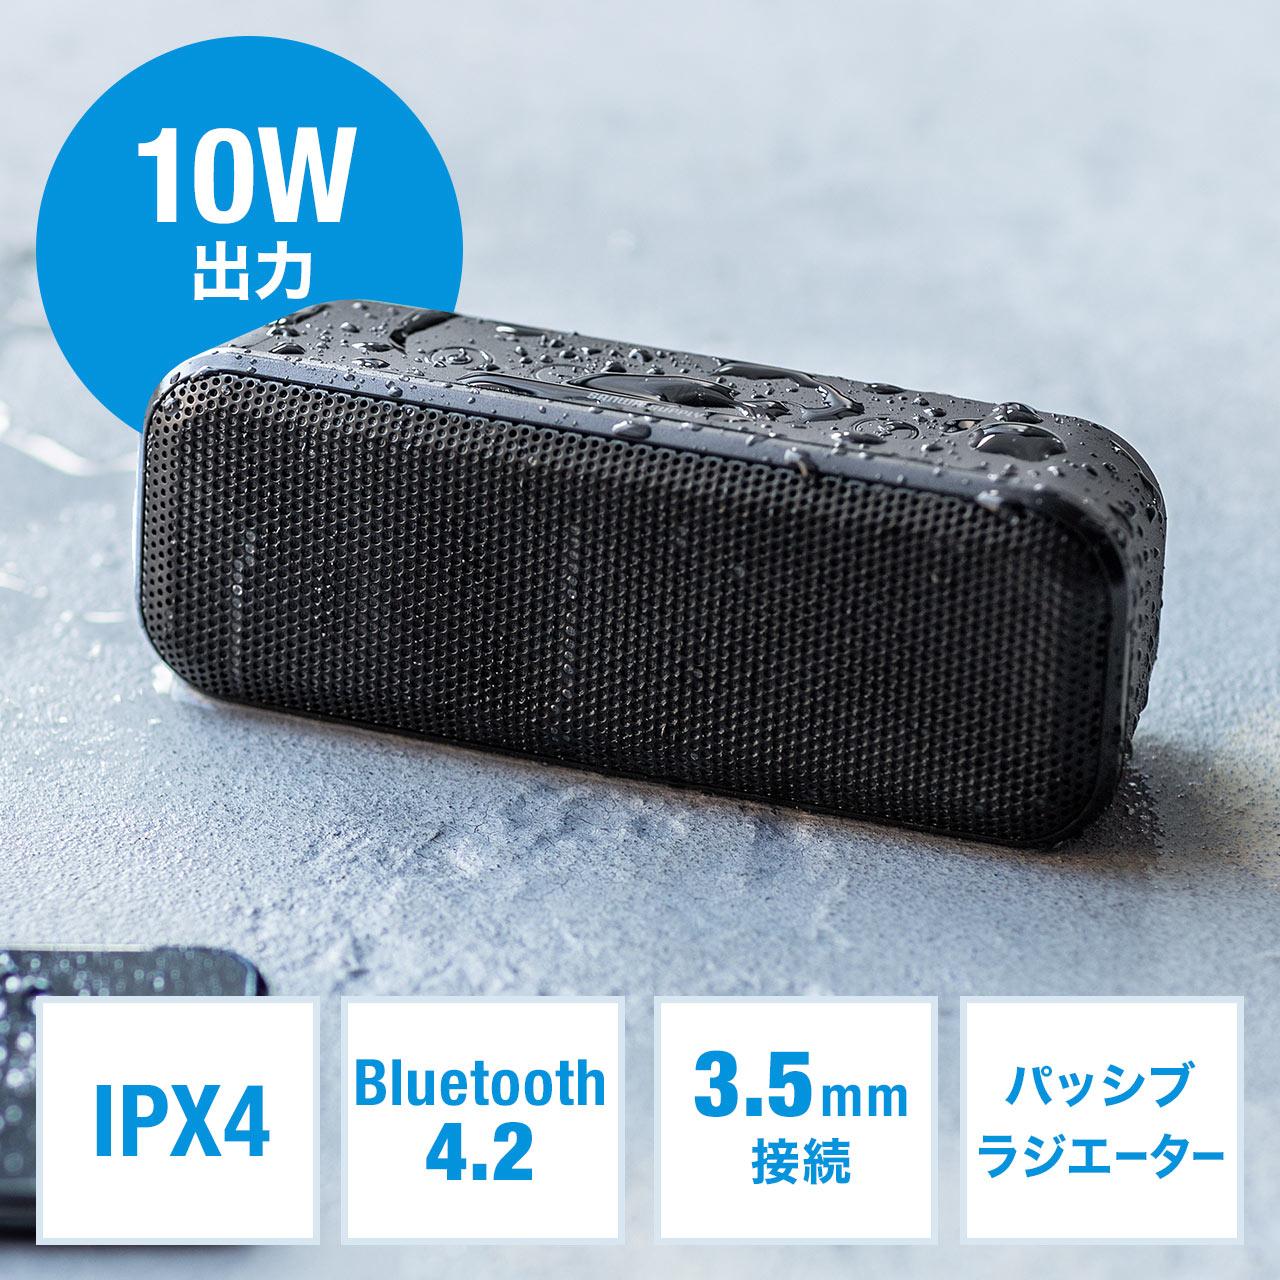 スピーカー 音質 bluetooth 高